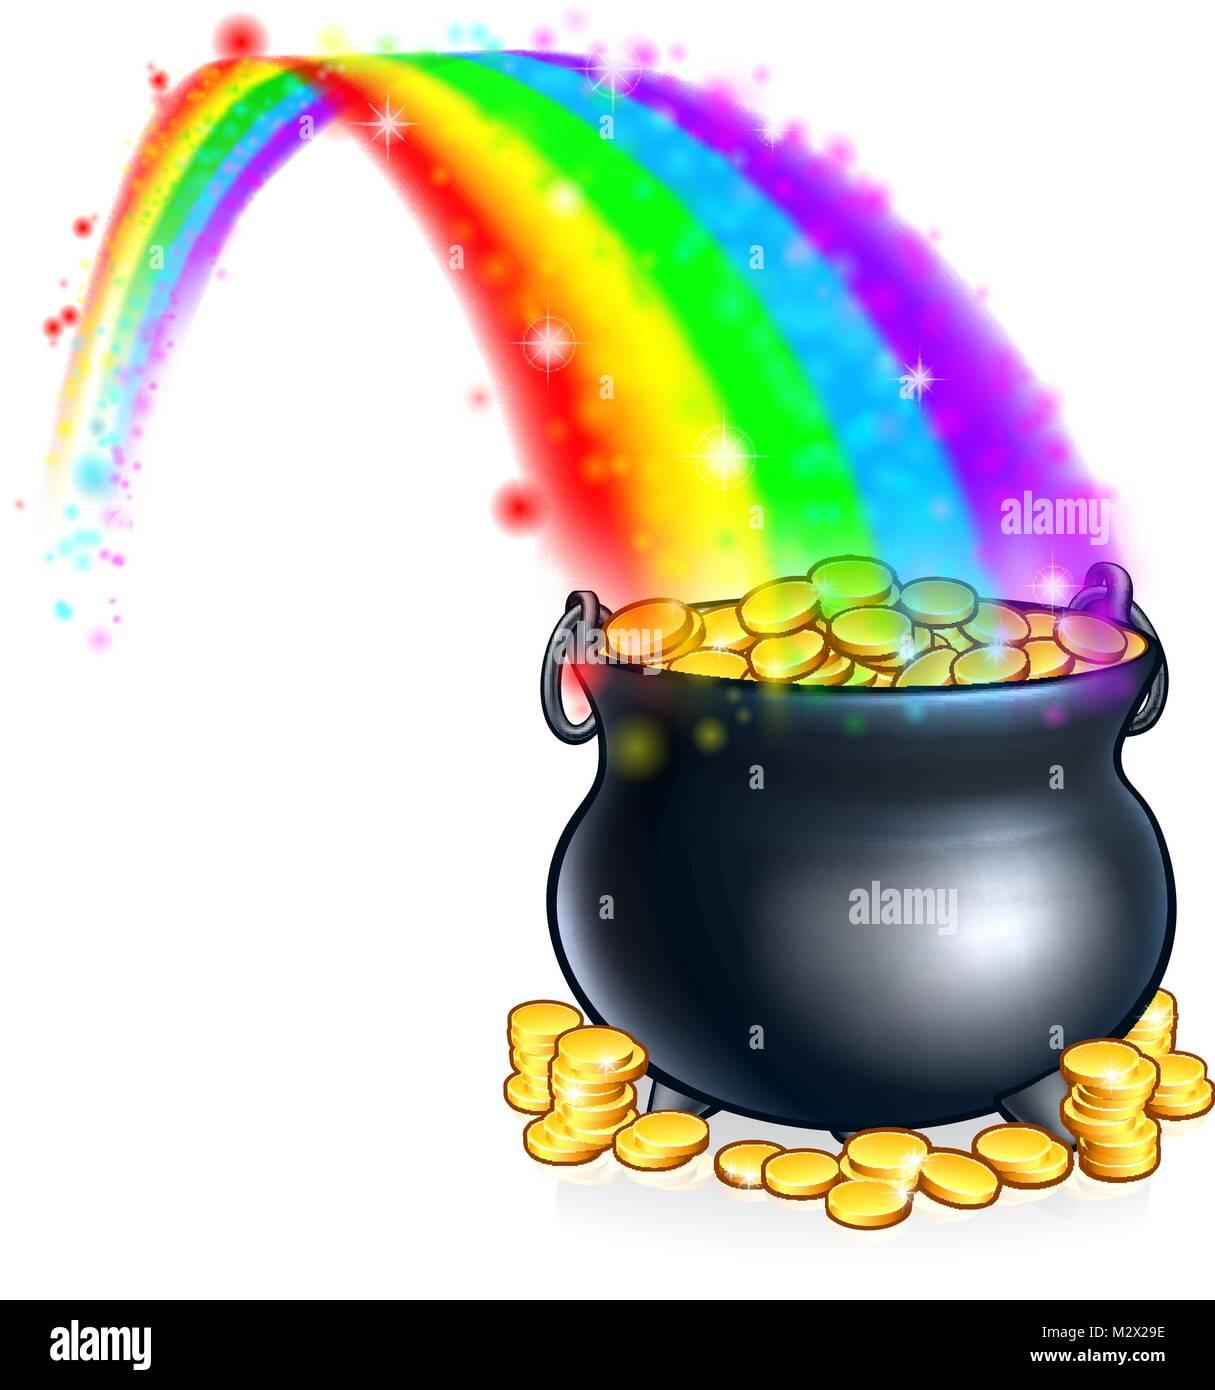 Topf Voll Gold Am Ende Des Regenbogens